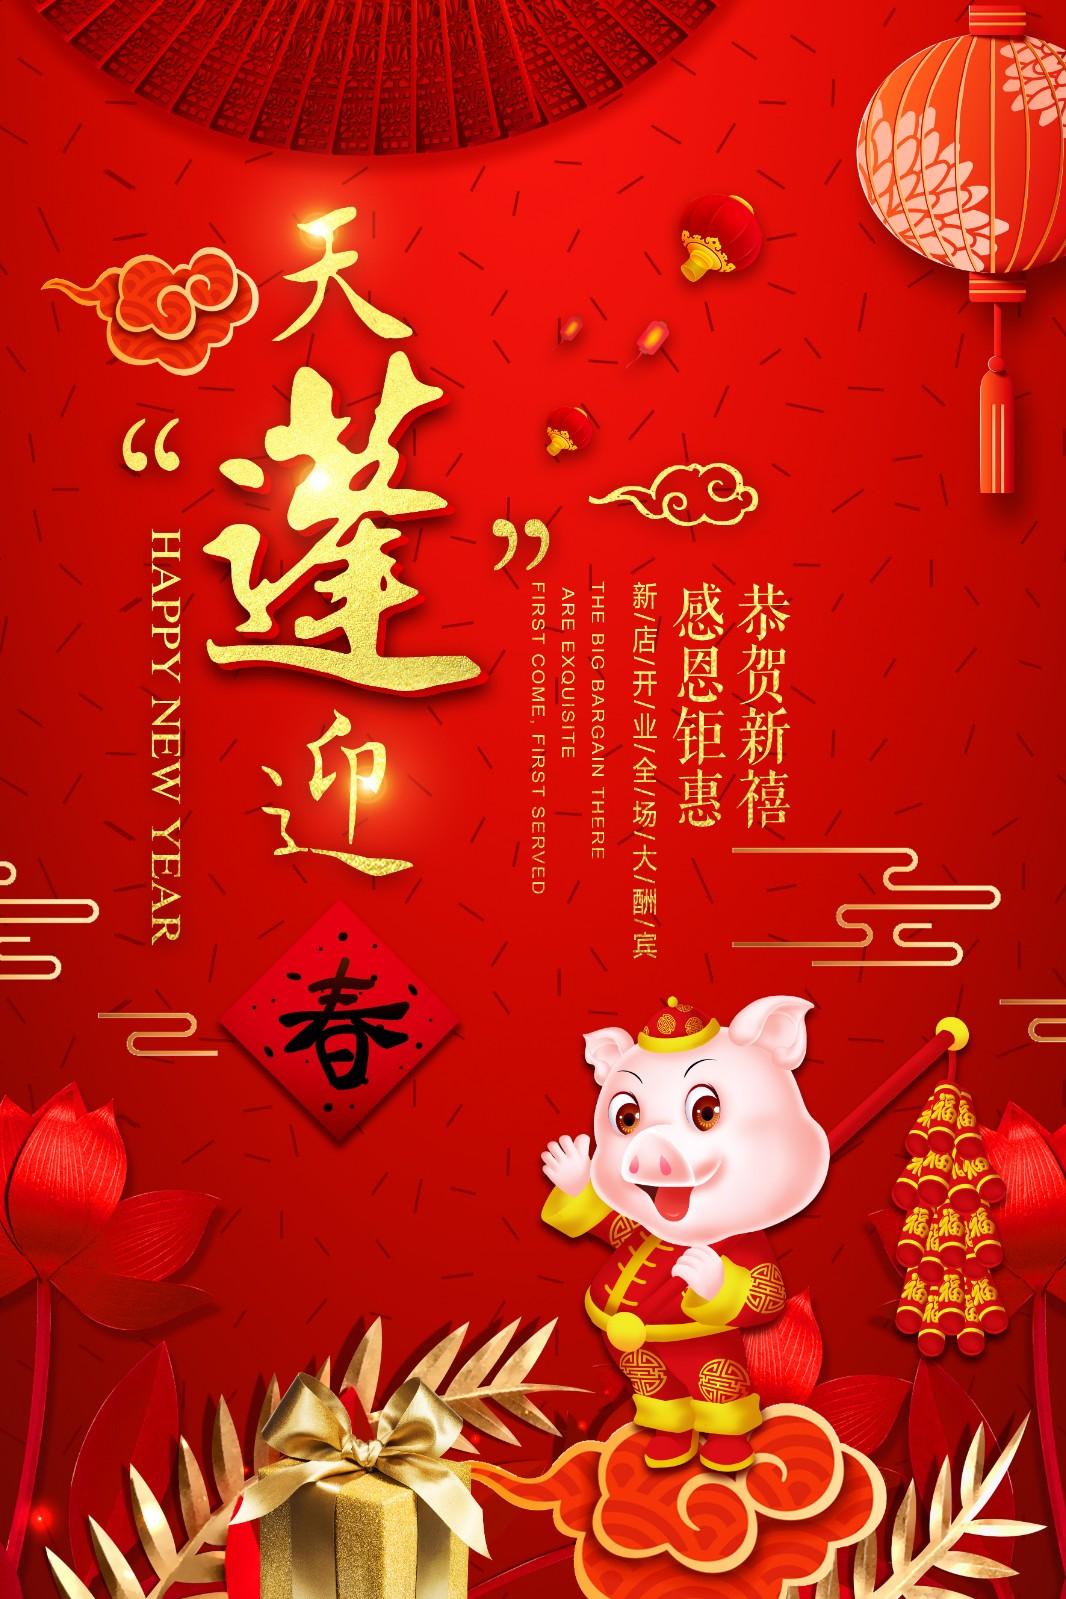 猪年喜庆节日海报 恭贺新春感恩钜惠